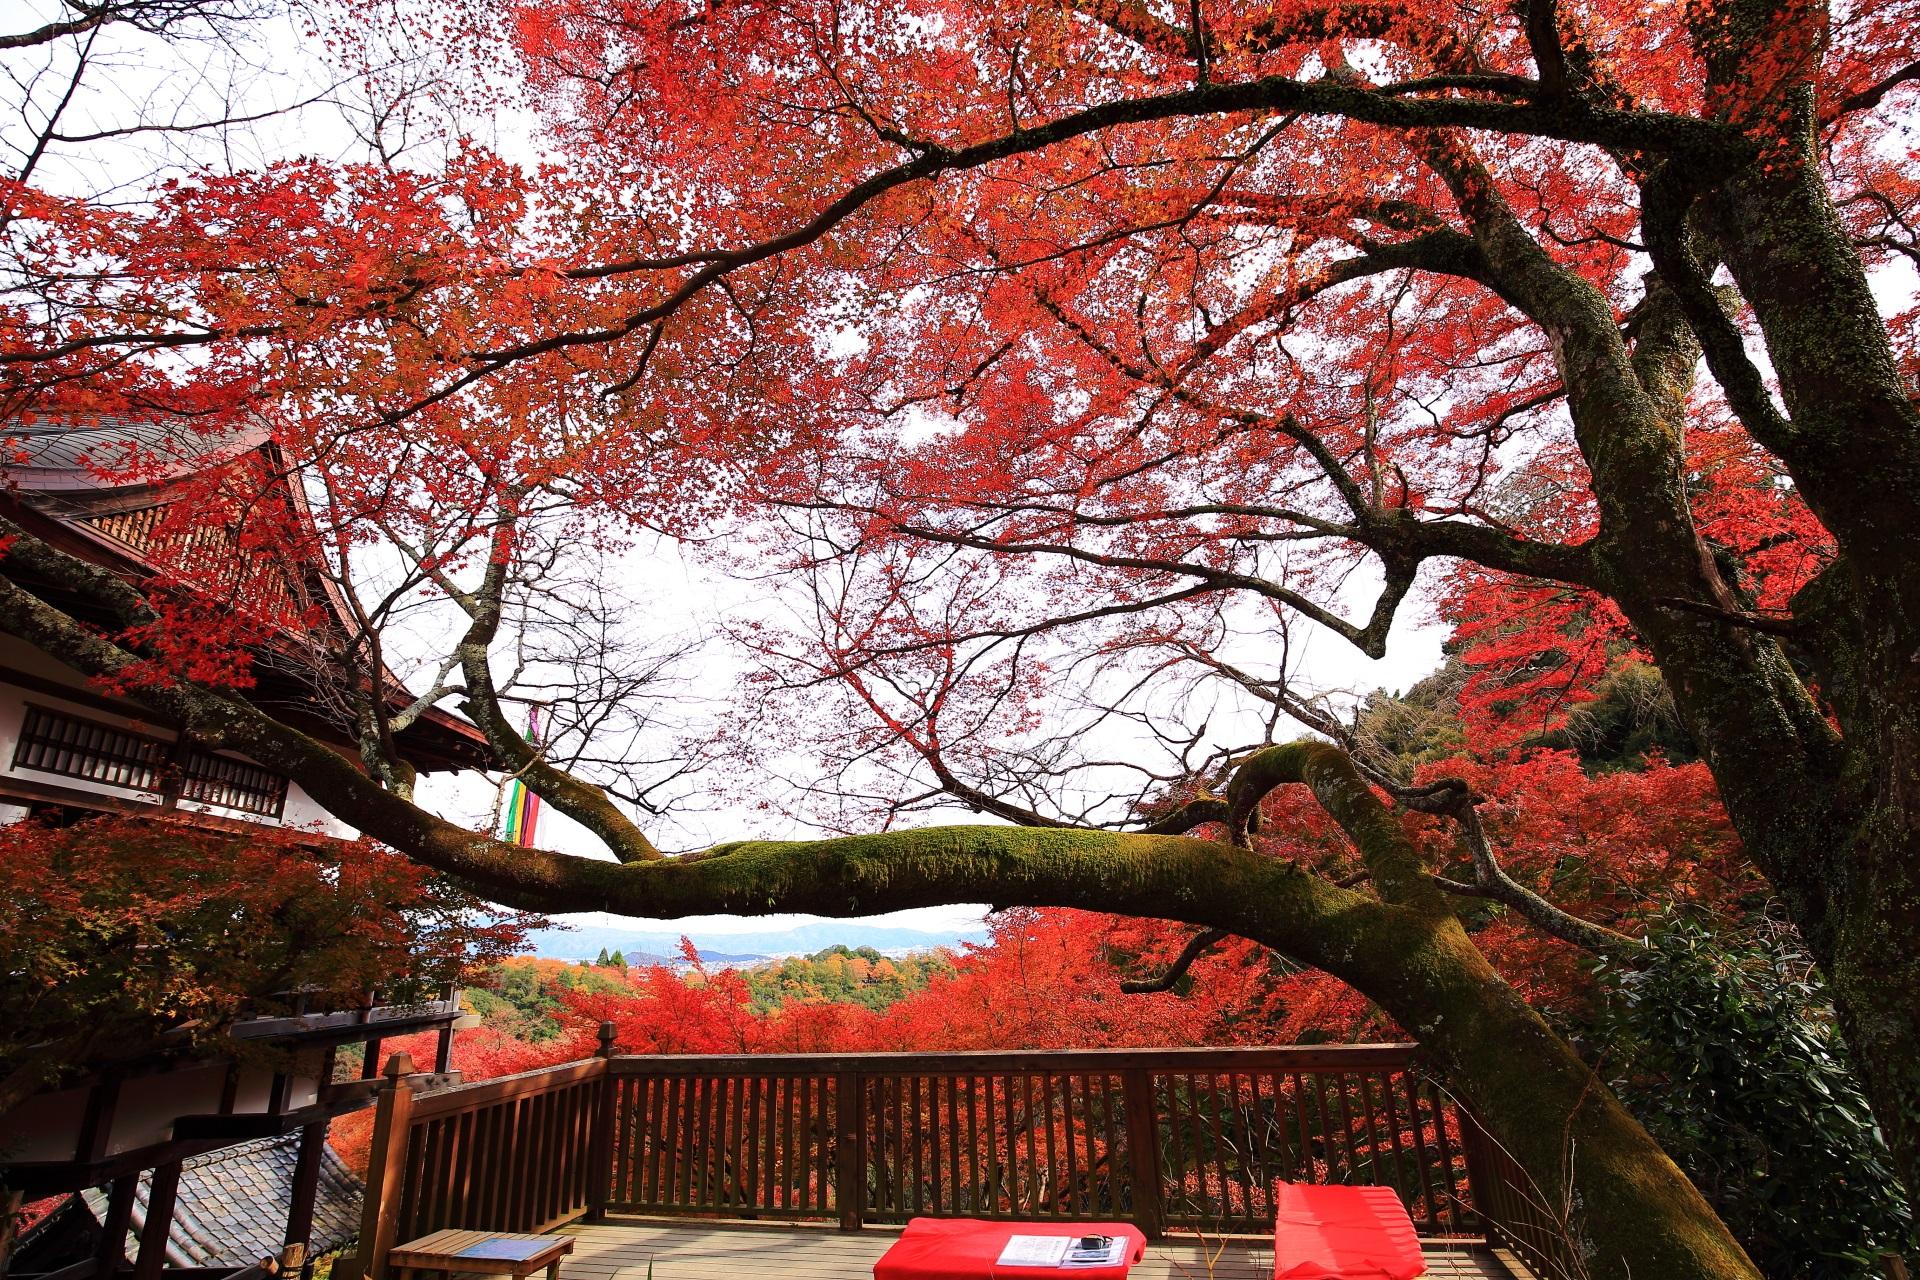 大悲閣千光寺の観音堂と茶所をつつむ雄大な紅葉